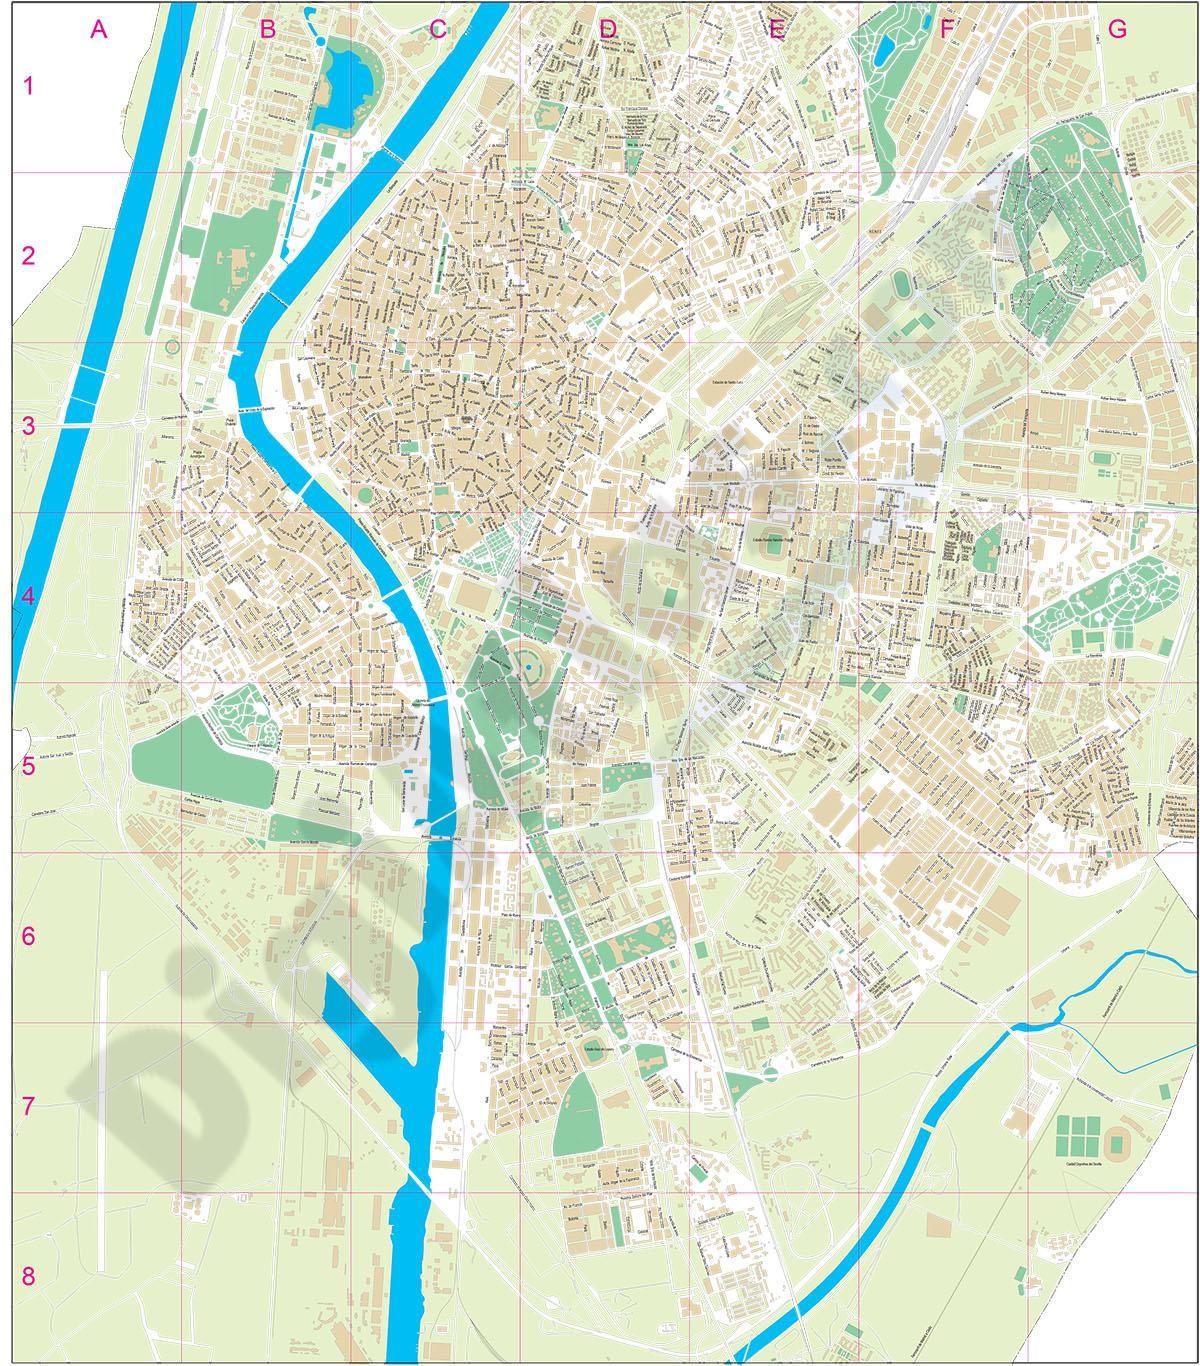 Mapa De Sevilla Capital Callejero.Digiatlas Mapas Y Planos Digitales Mapas De Codigos Postales